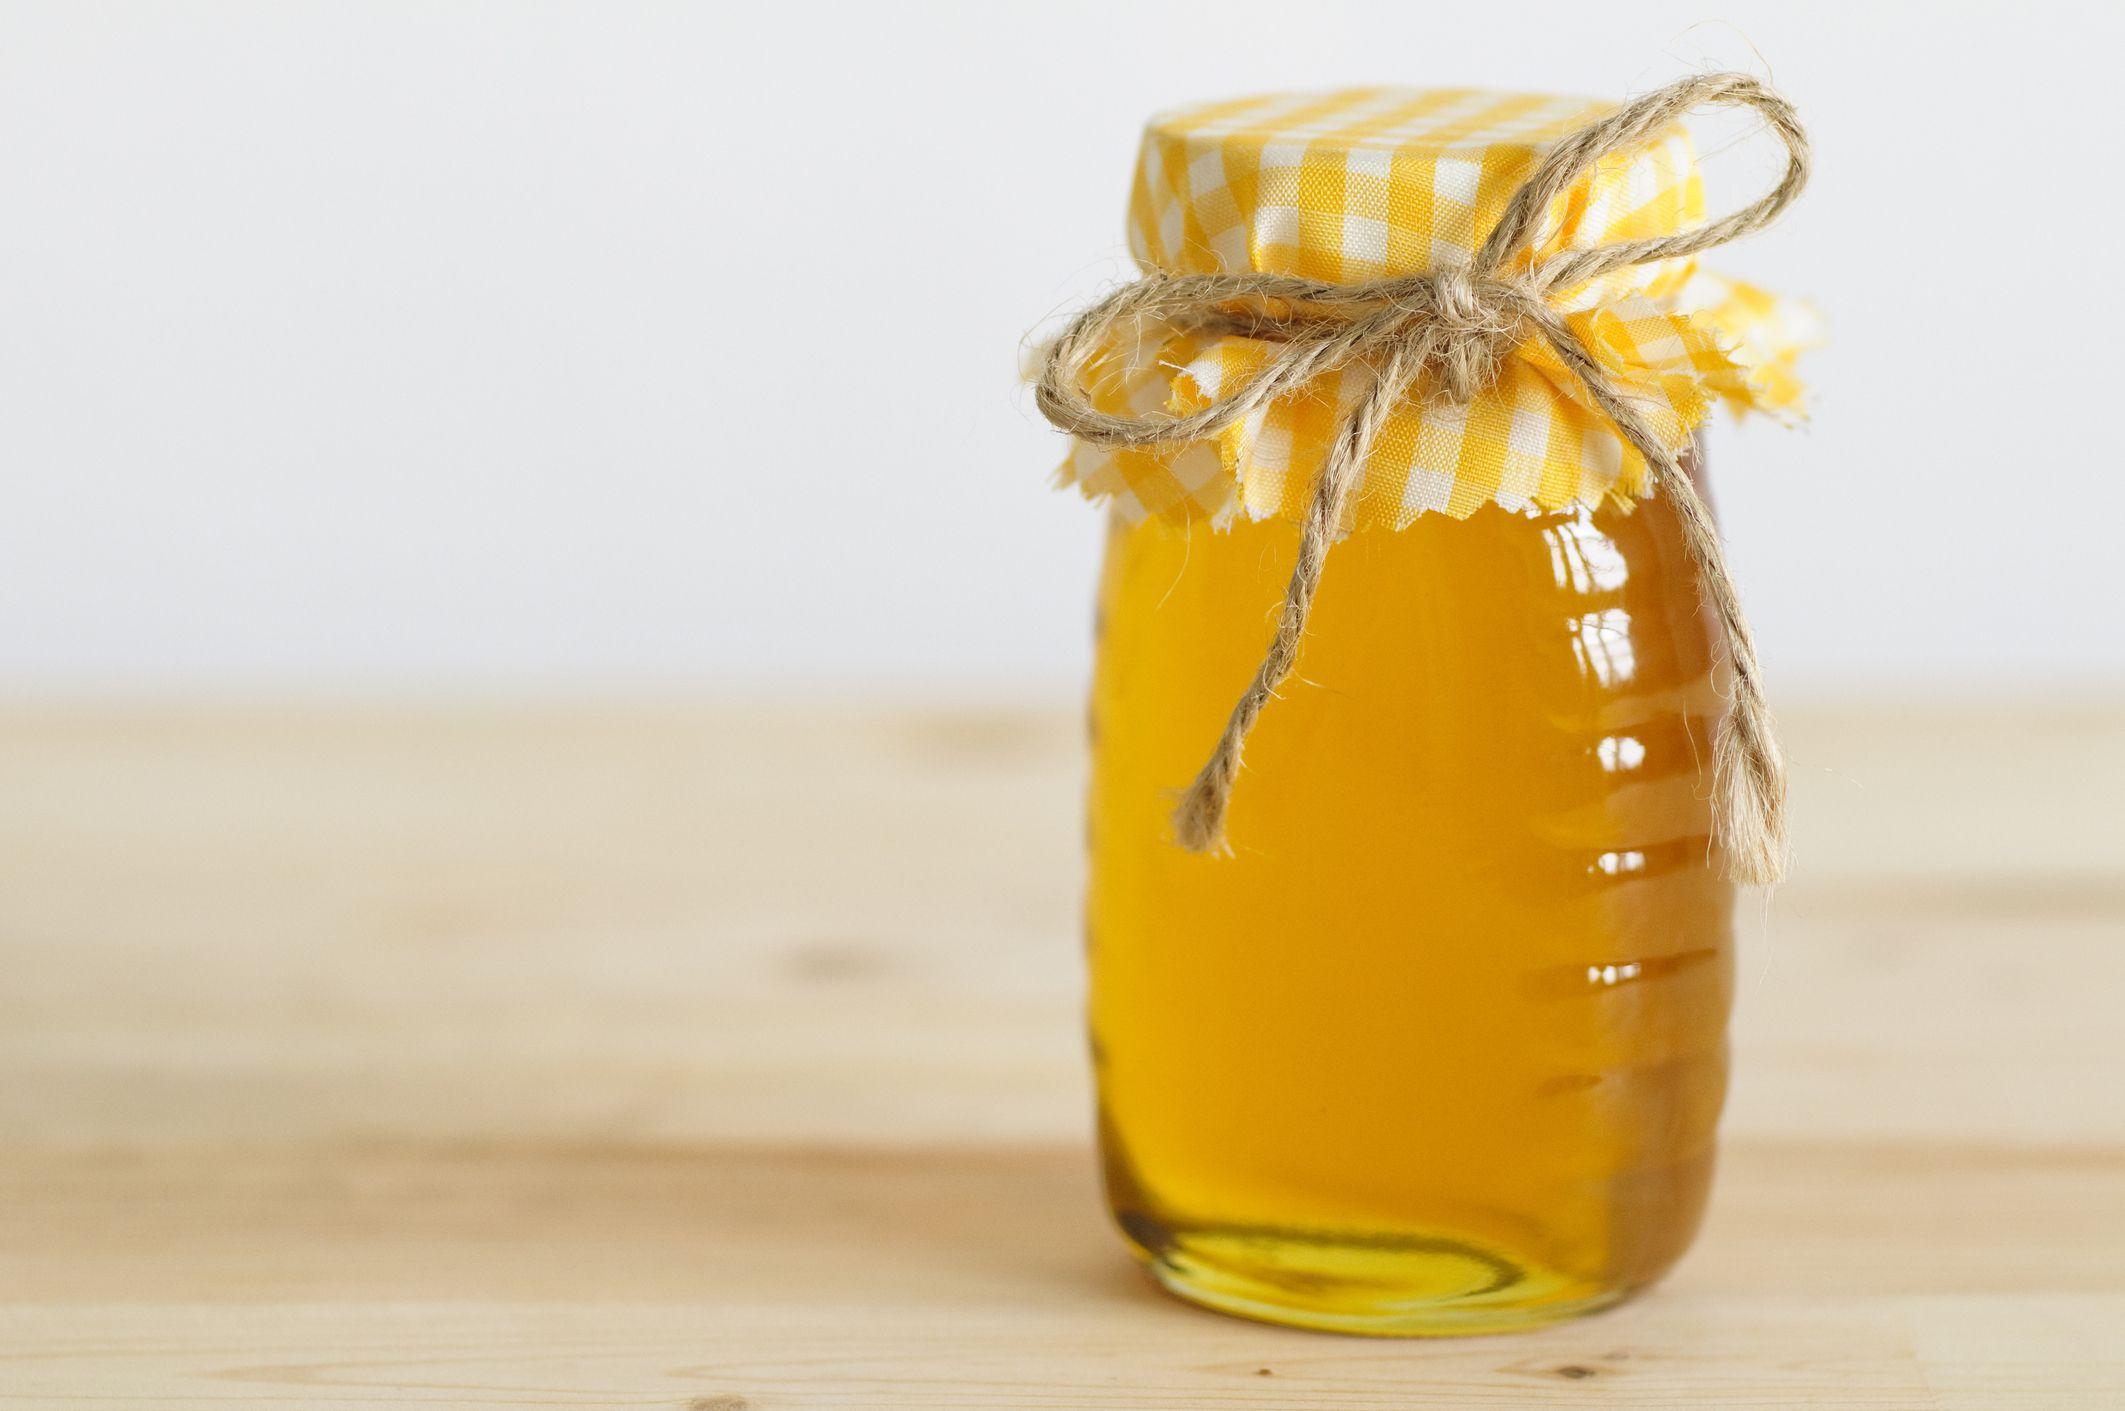 Bạn đã biết mẹo giải bia rượu nhờ mật ong chưa?